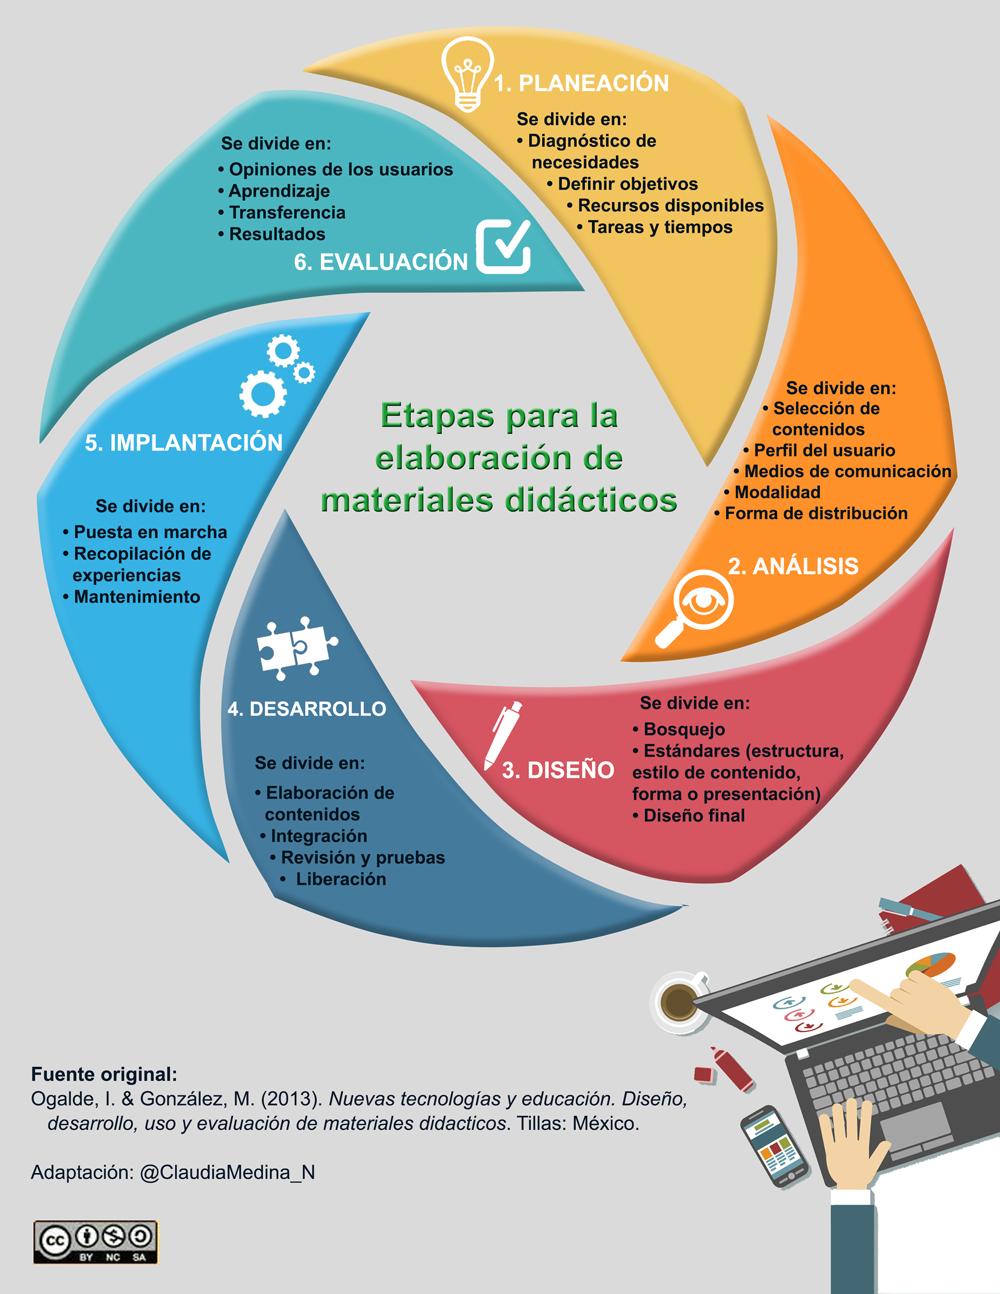 Resultado De Imagen Para Infografia De Material Didactico Materiales Didacticos Didactico Infografia